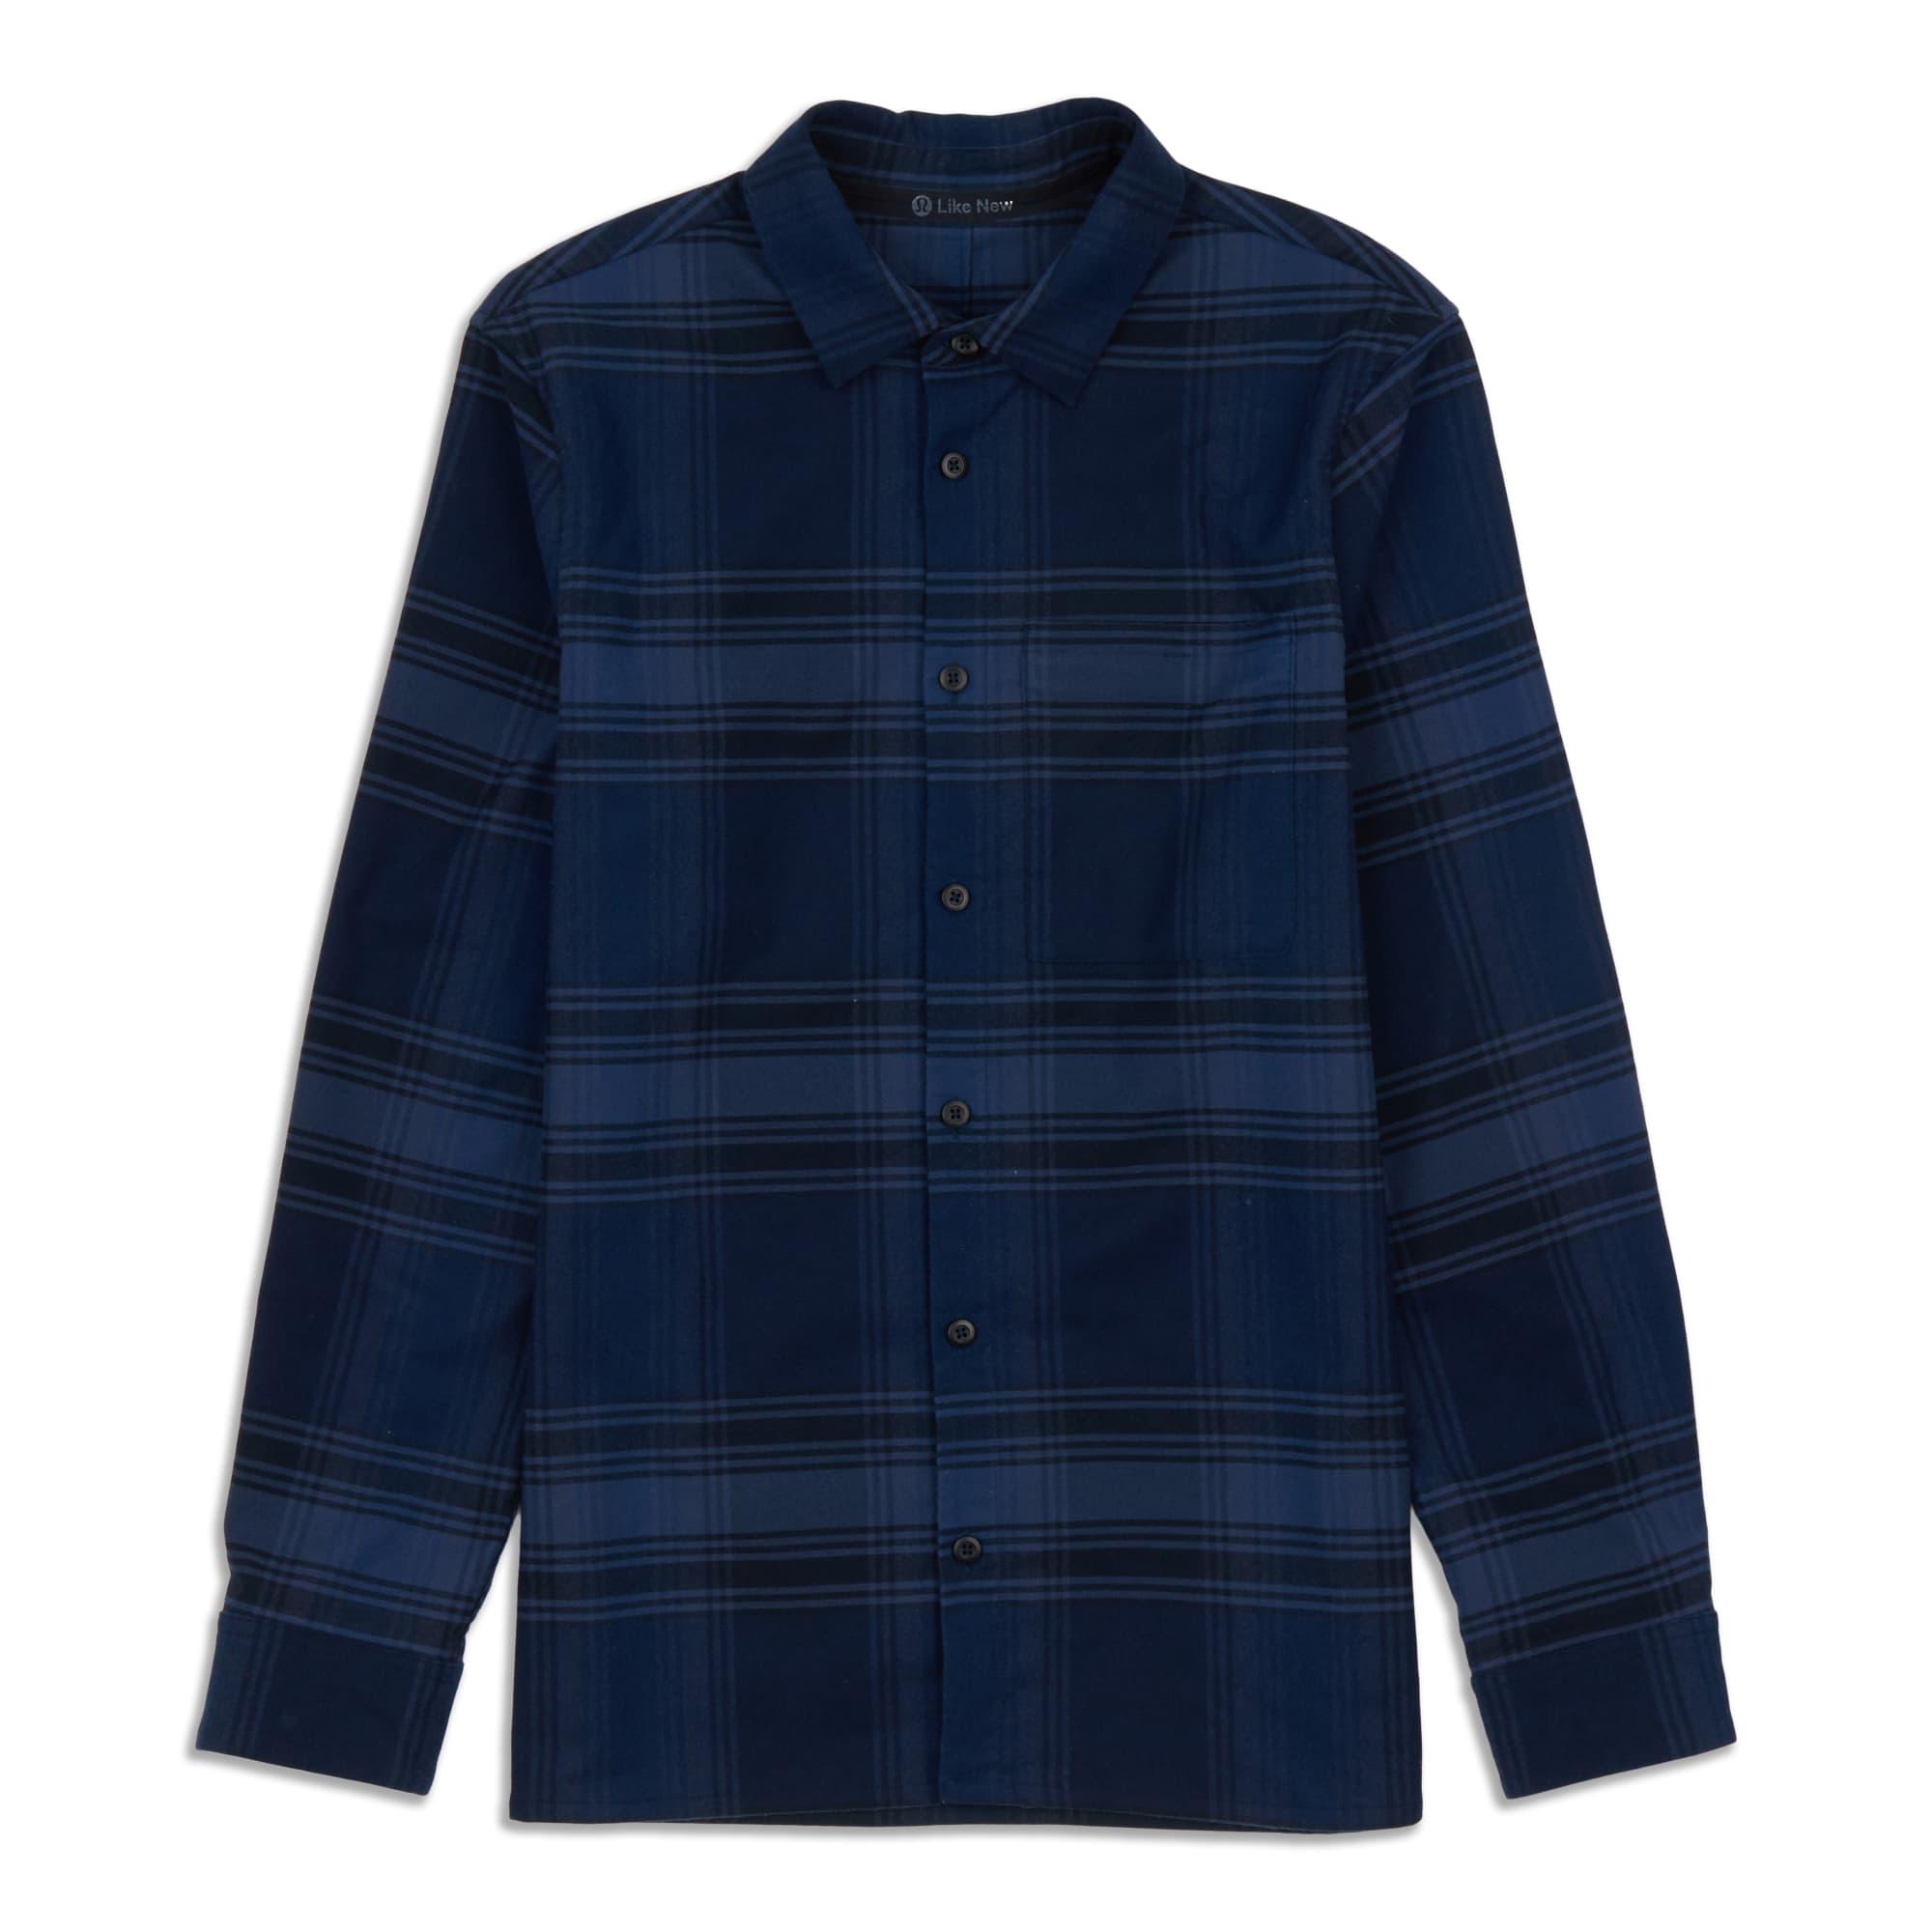 Main product image: Men's Button Down Shirt - Resale